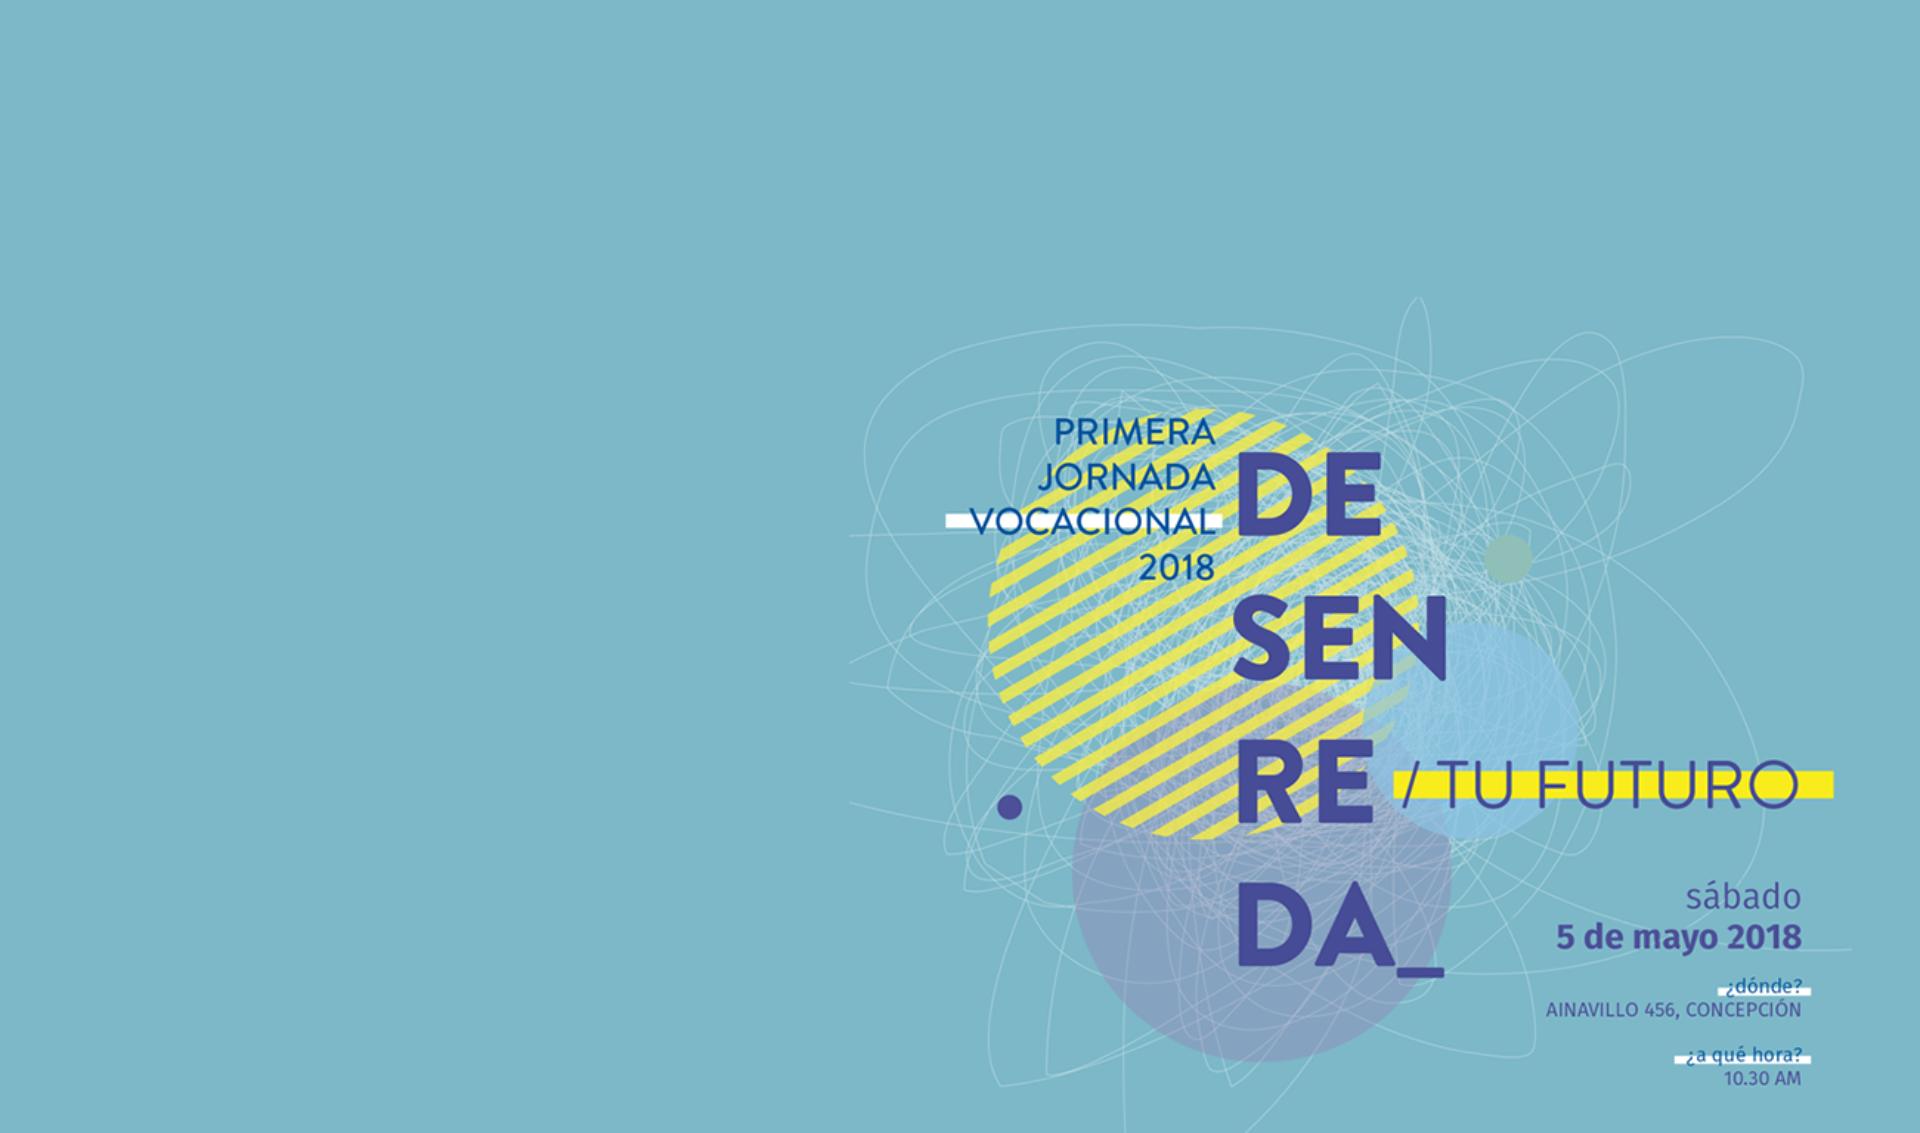 Jornada Vocacional UDD Concepción